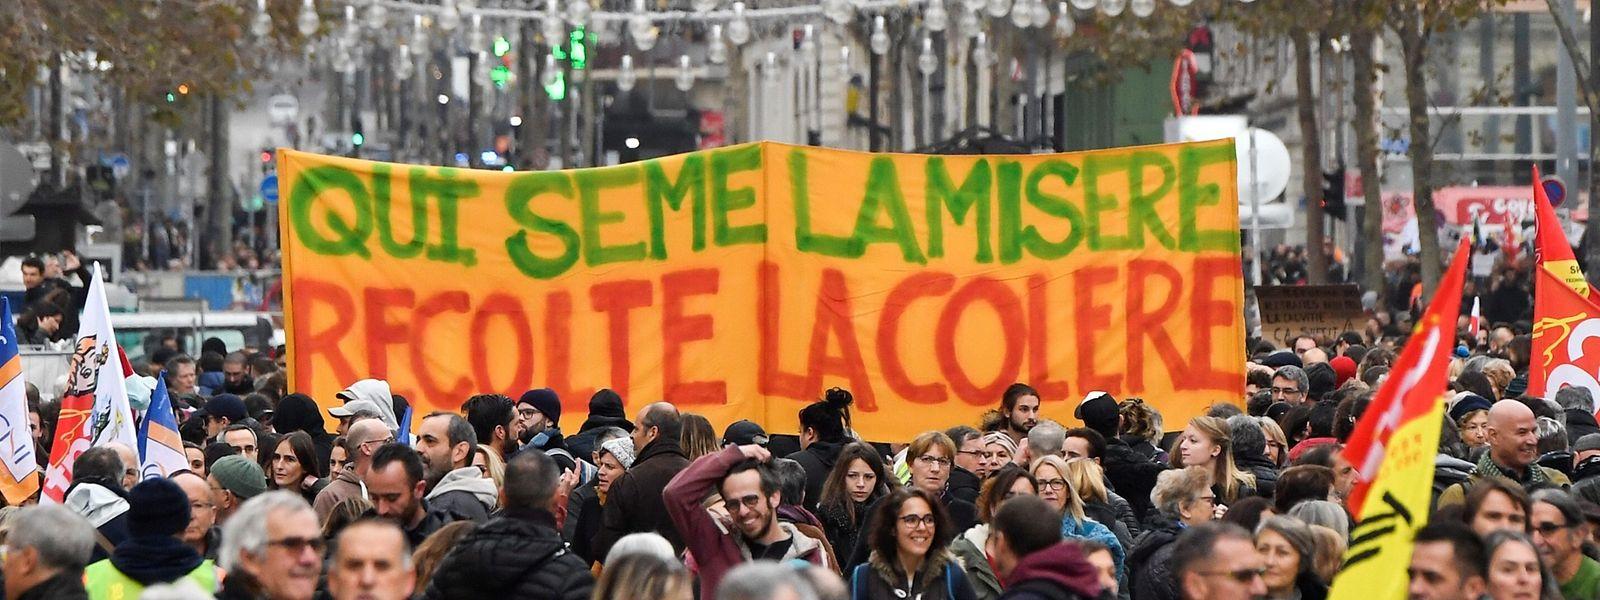 La mobilisation est massive ce jeudi en France contre la réforme des retraites